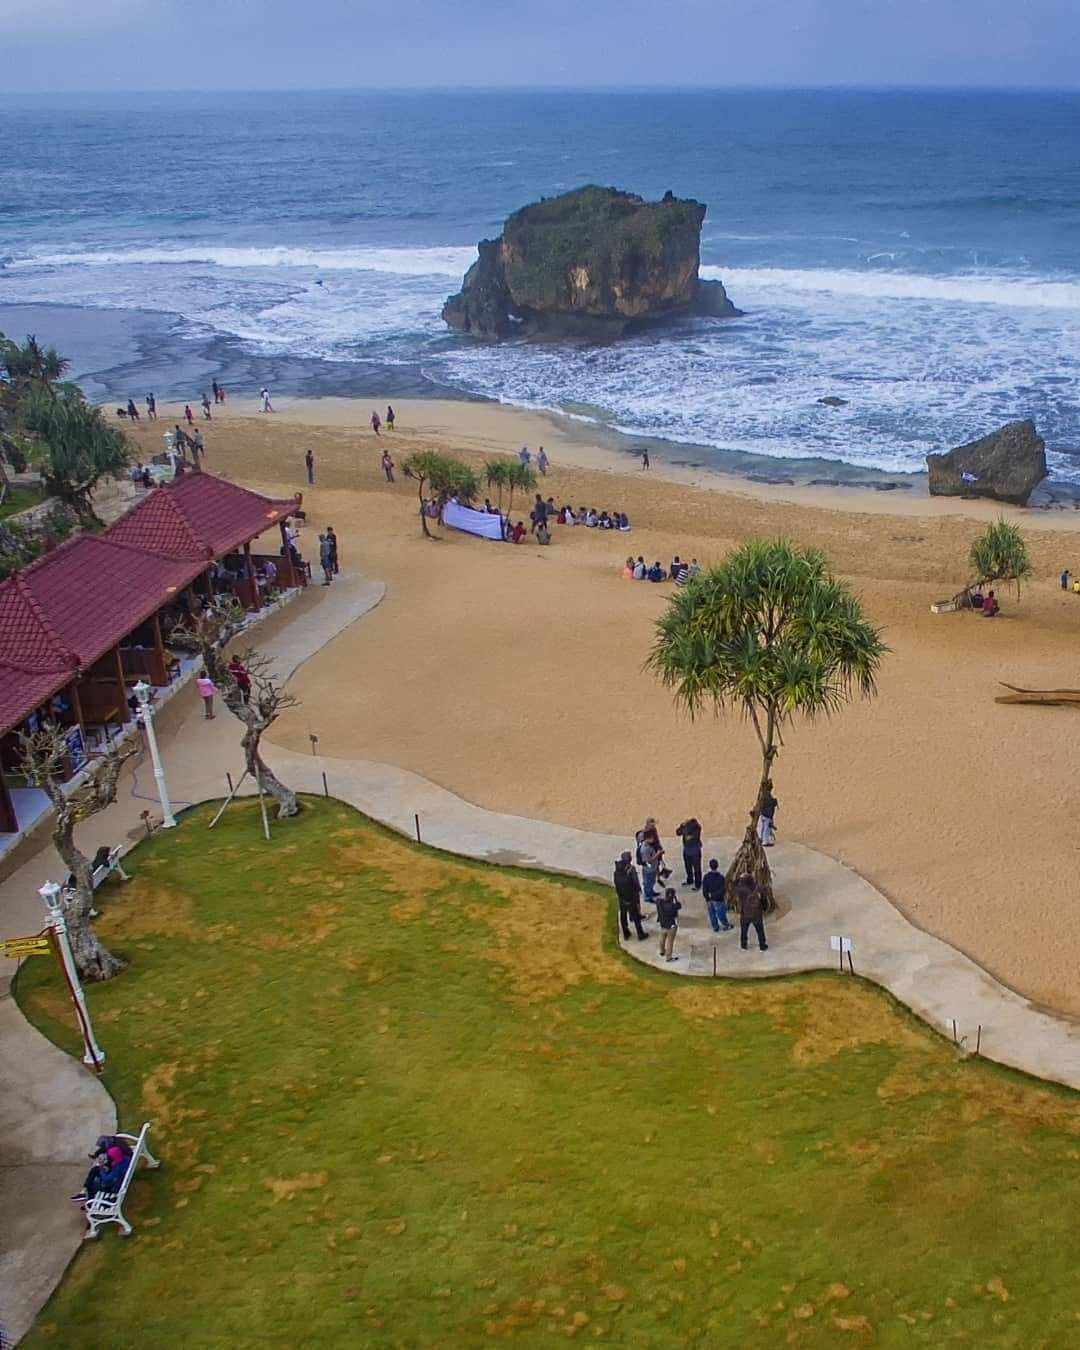 View Pantai Ngrawe Dari Atas Arah Taman, Image From @arif_josselalu